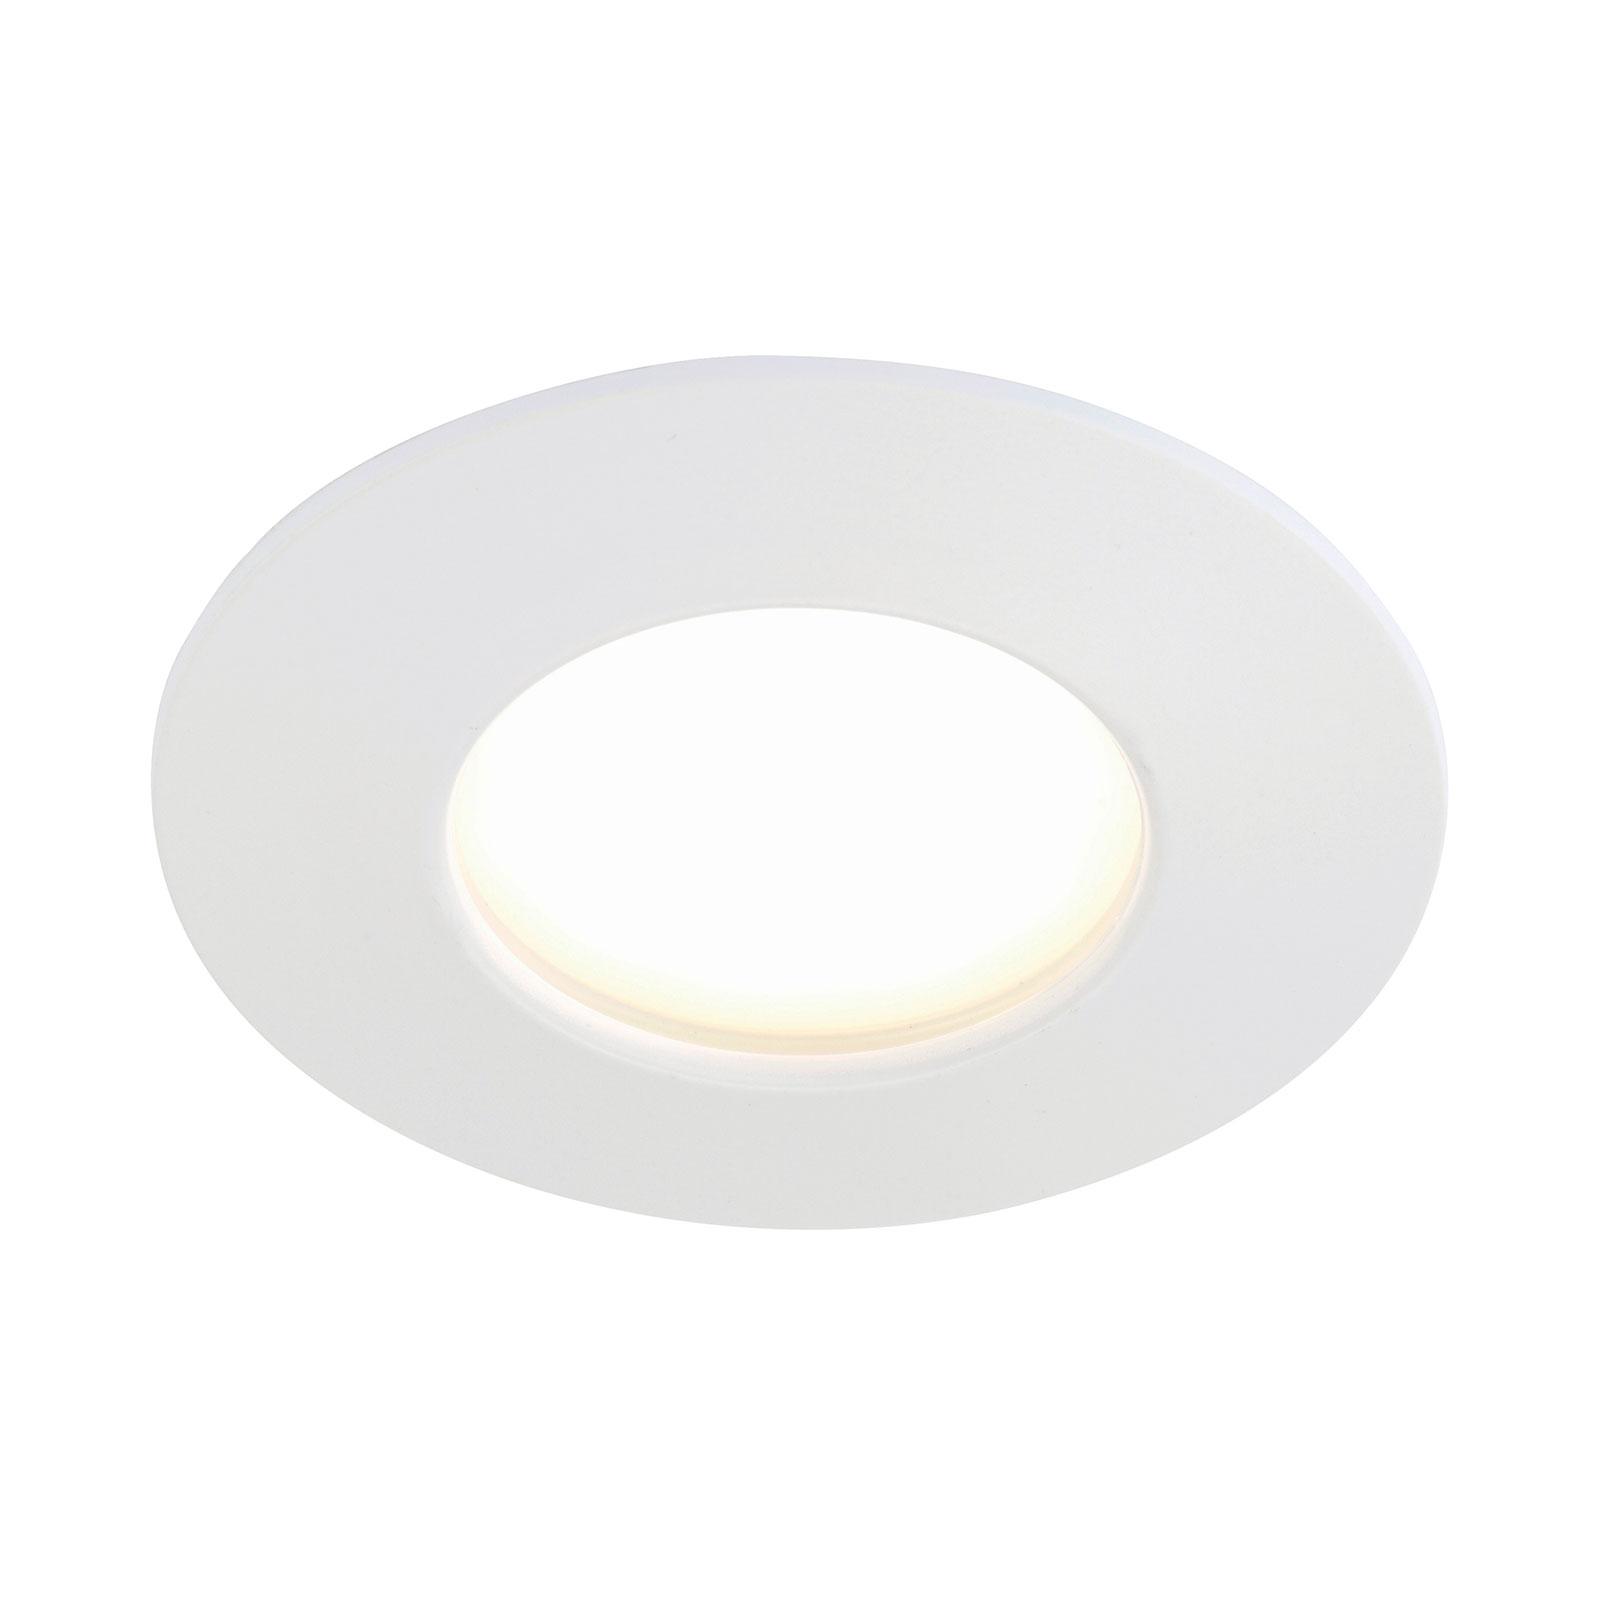 Hvid LED-indbygningslampe Till til udendørs